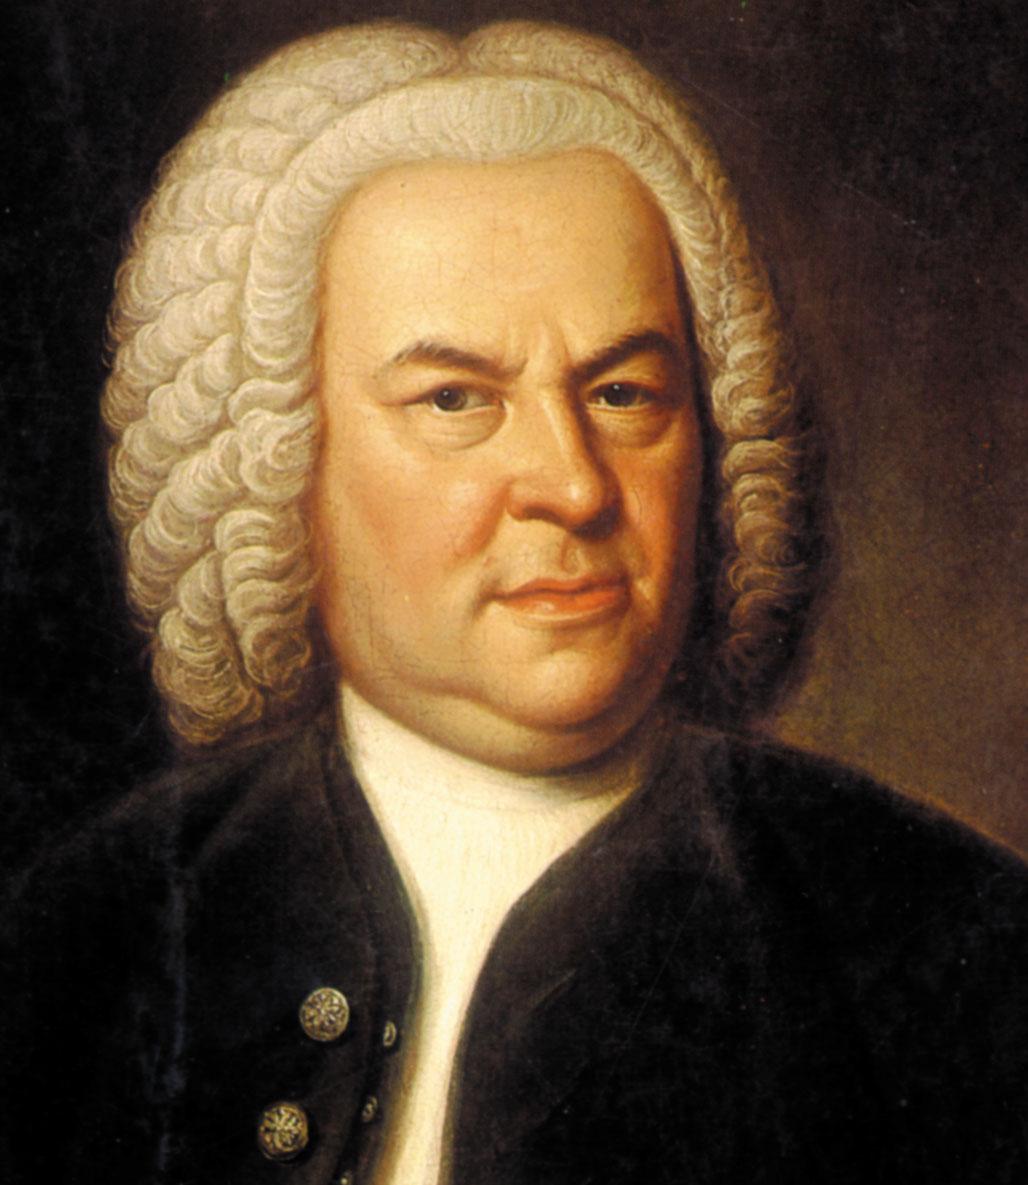 Portrait of J. S. Bach, circa 1745 (Image in public domain)